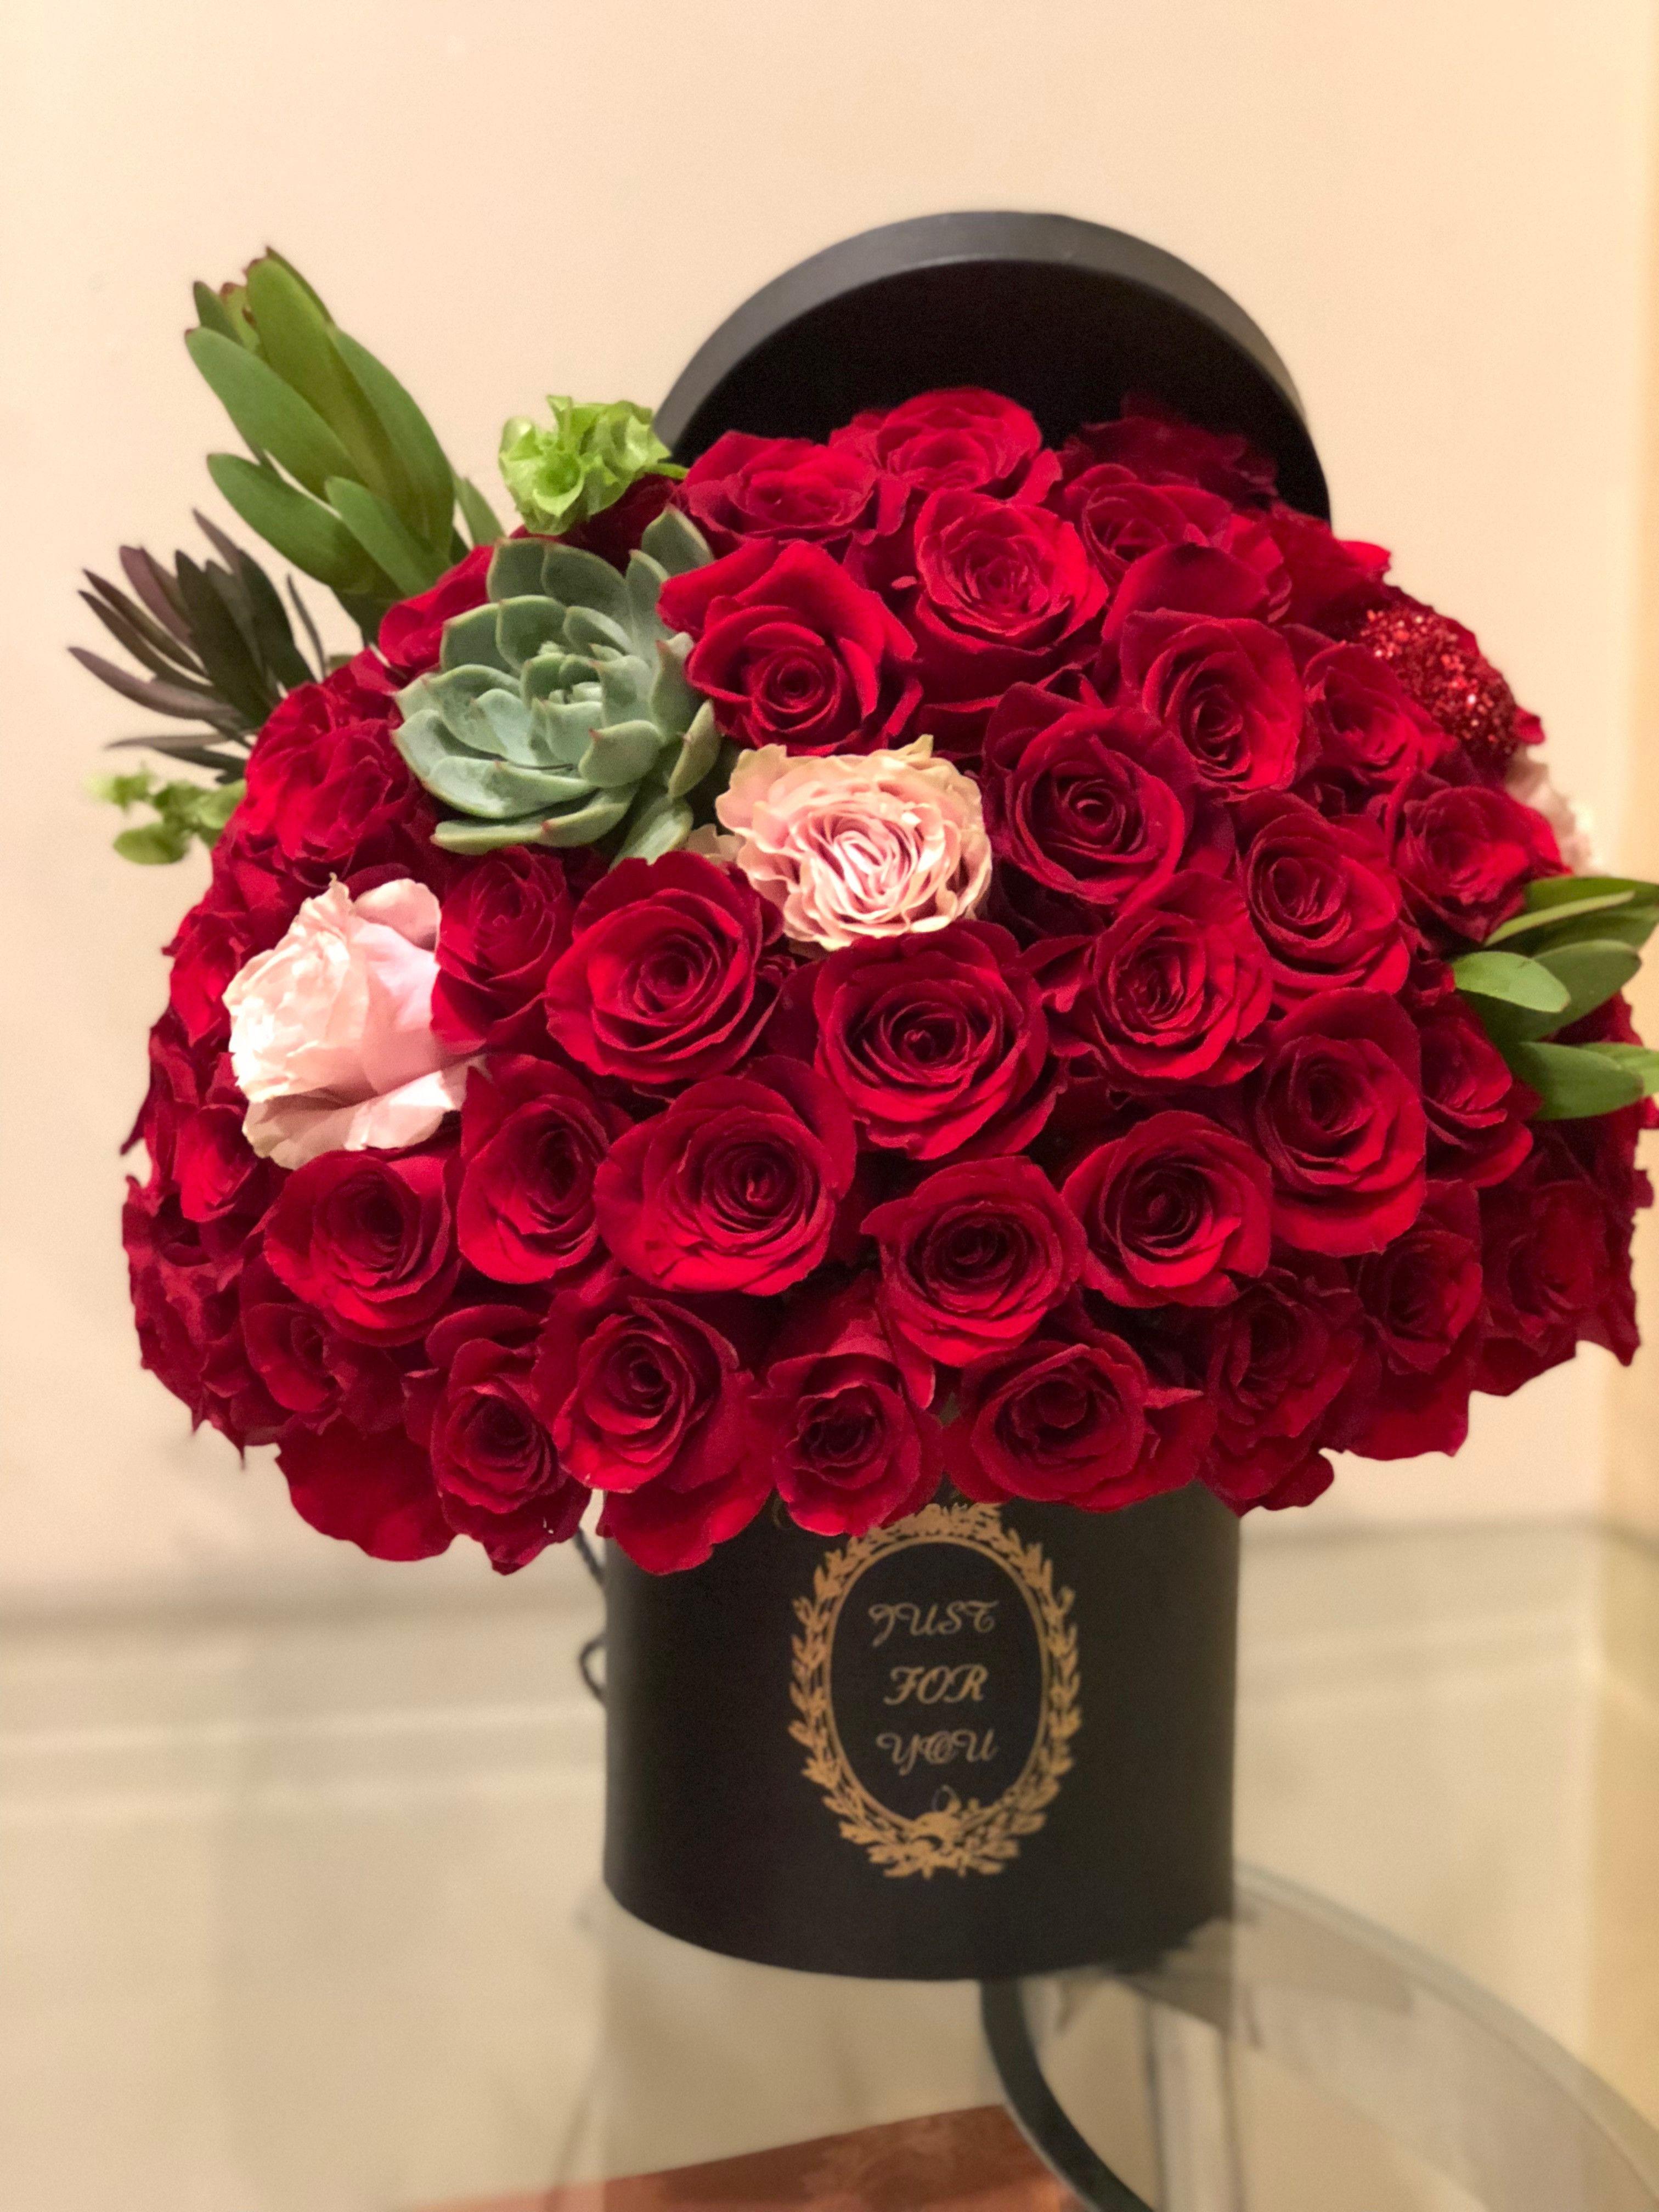 Just For You By Laazati In Glendale Ca Laazati Flowers Fresh Flowers Arrangements Flowers Flower Pots